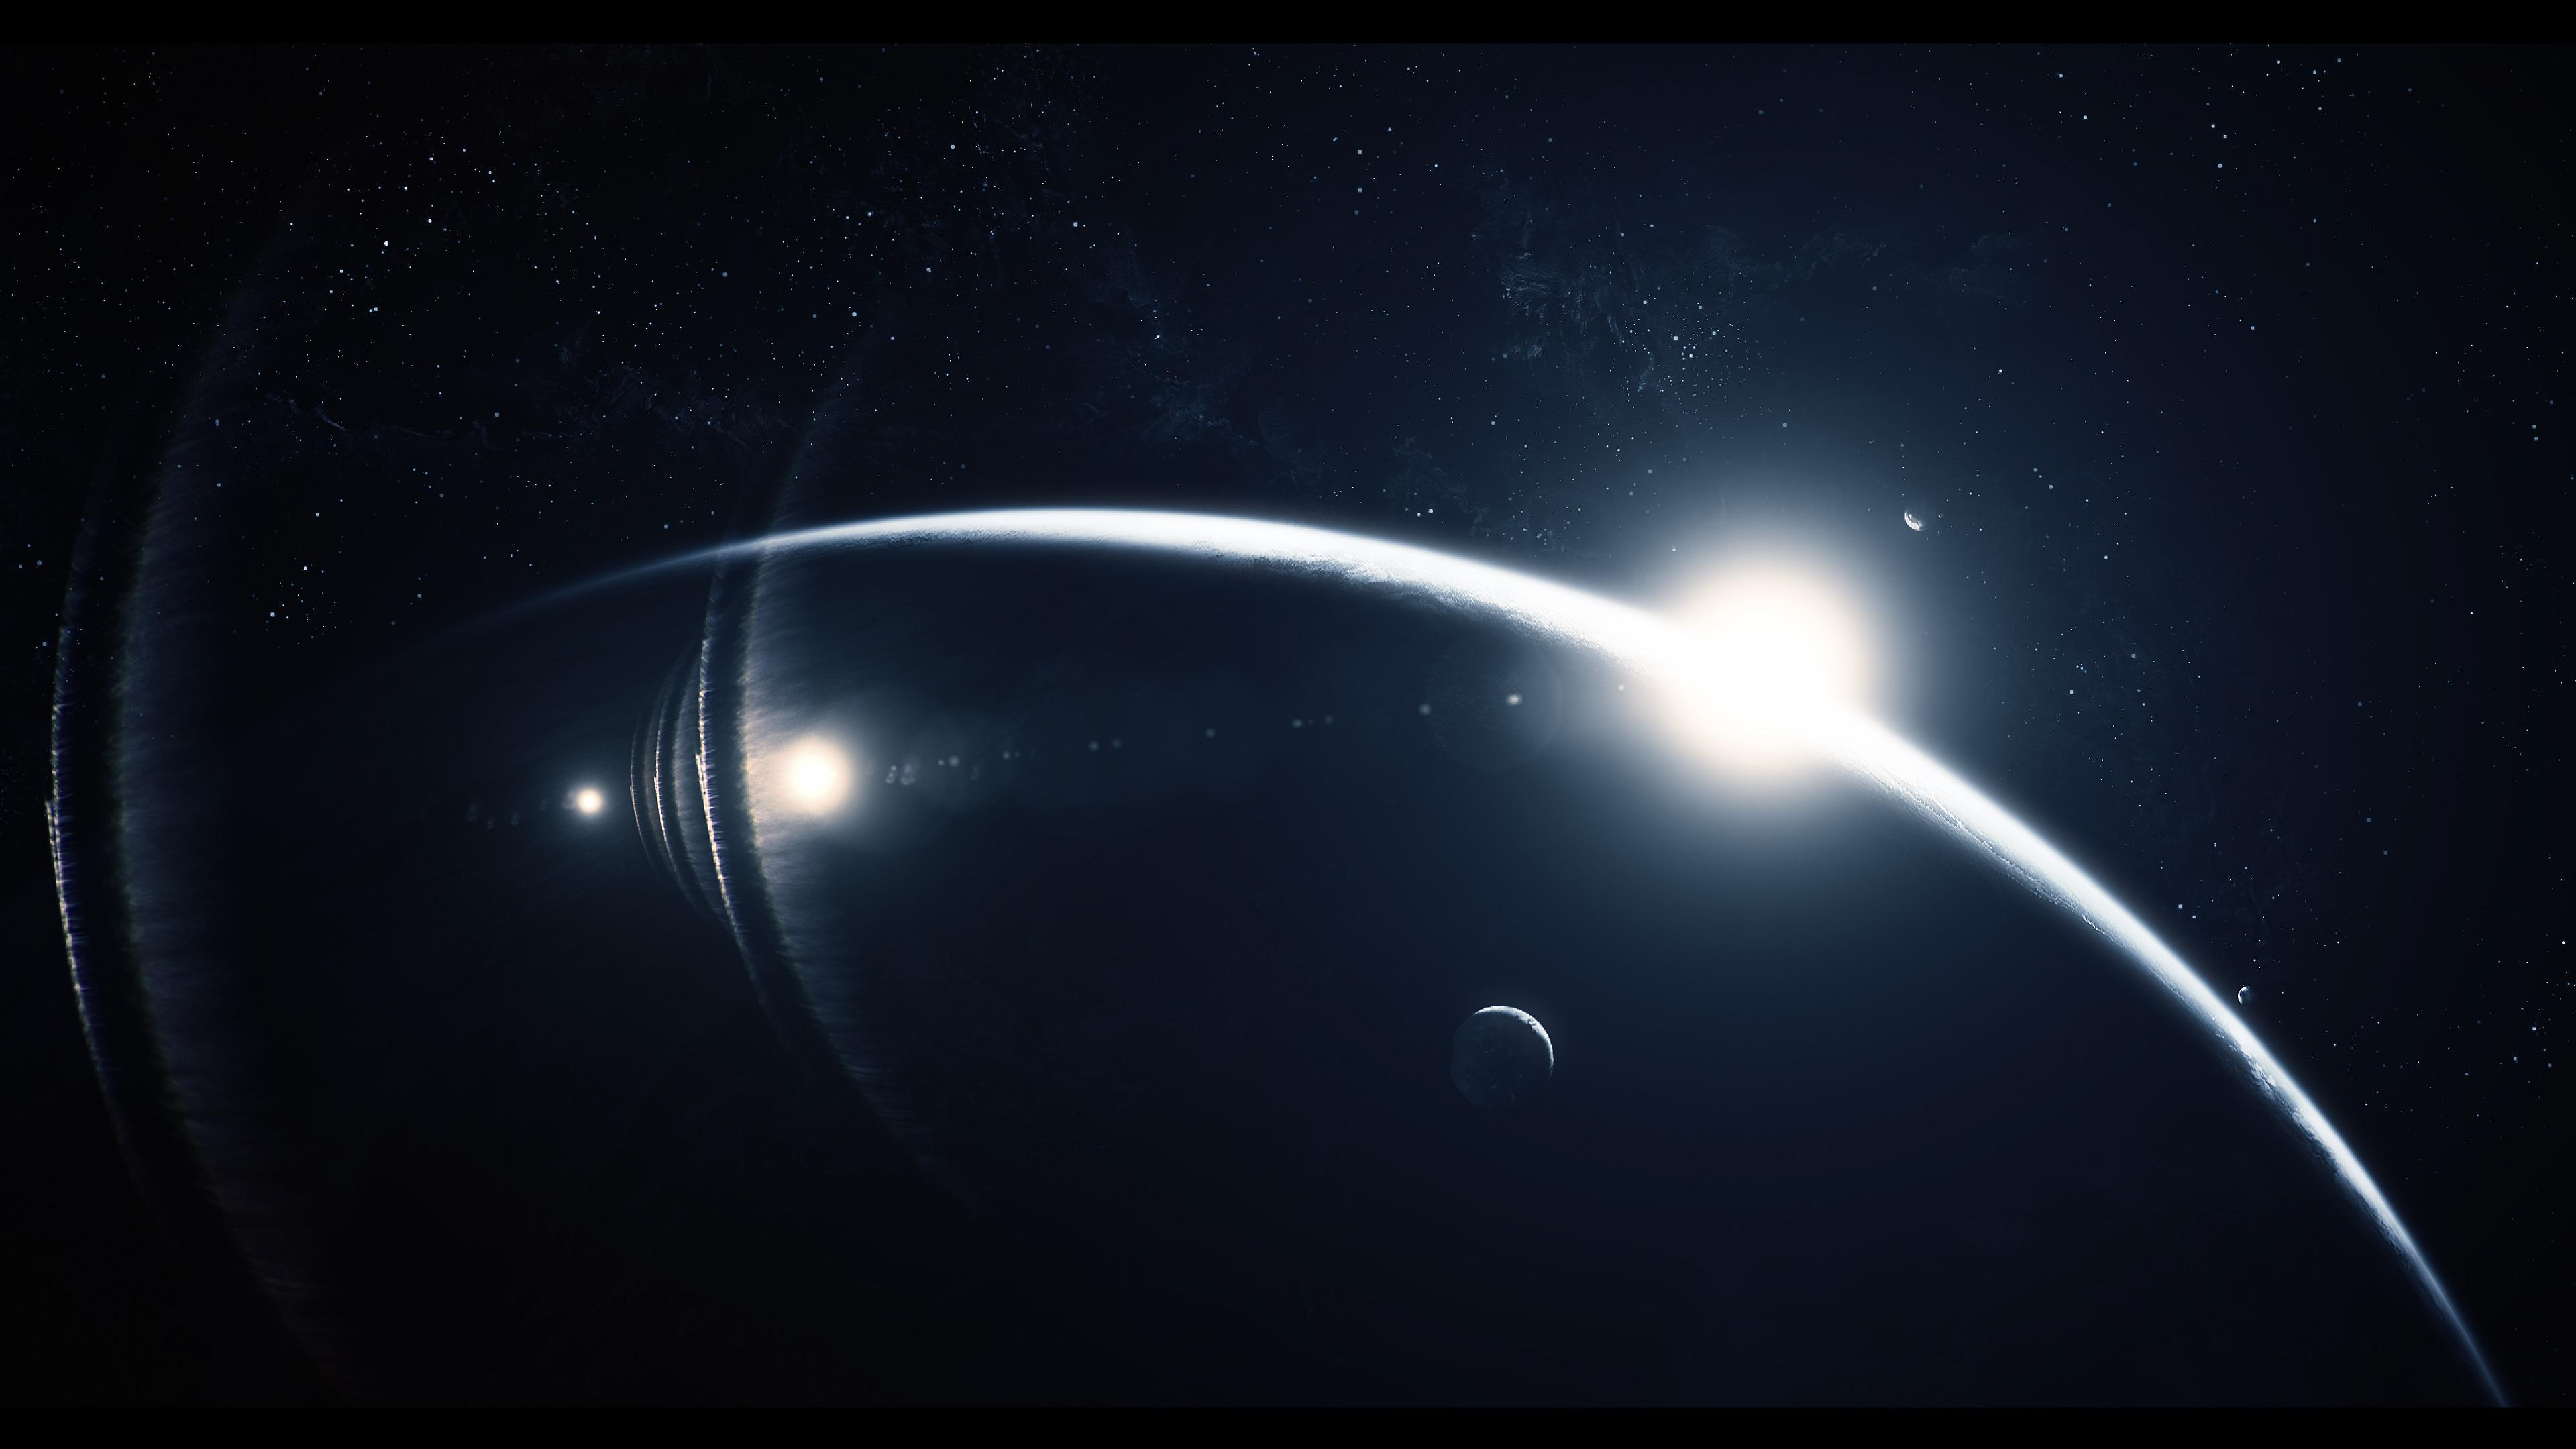 Обои Восход на орбите картинки на рабочий стол на тему Космос - скачать  № 1761451 загрузить